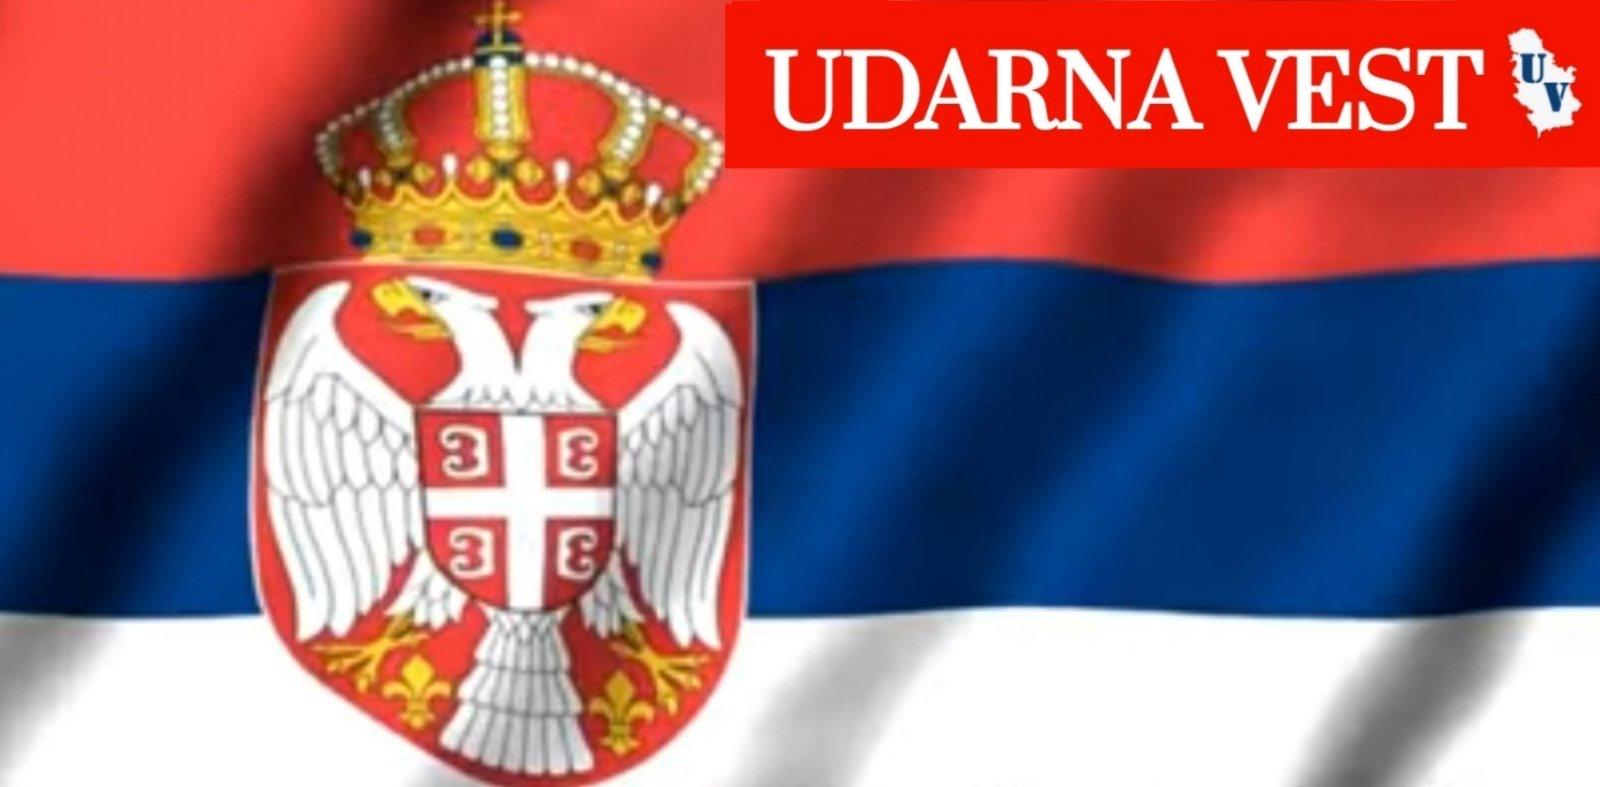 VUČIĆ I DODIK: Situacija je složena! Predsednik Srbije: GOVORILI SMO O KONKRETNIM PROJEKTIMA